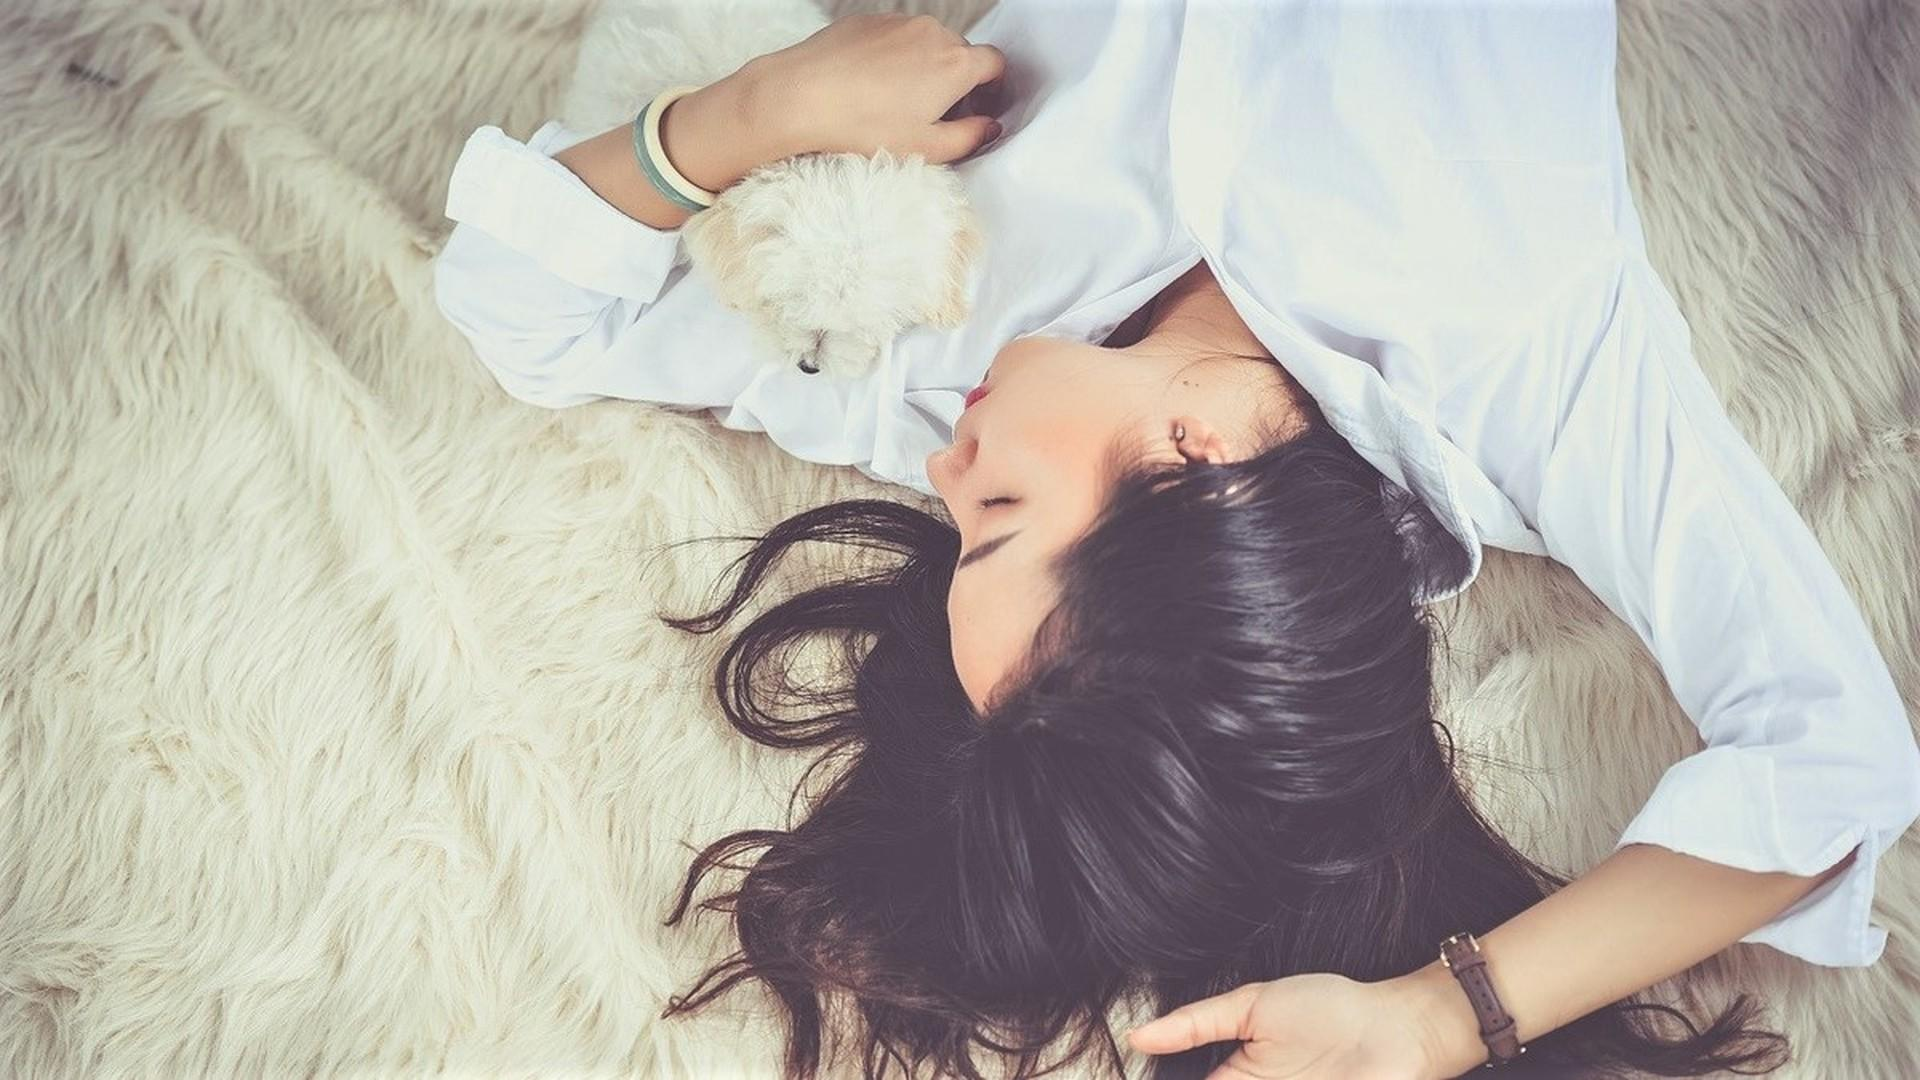 Нейробиологи открыли 19 микростадий человеческого сна